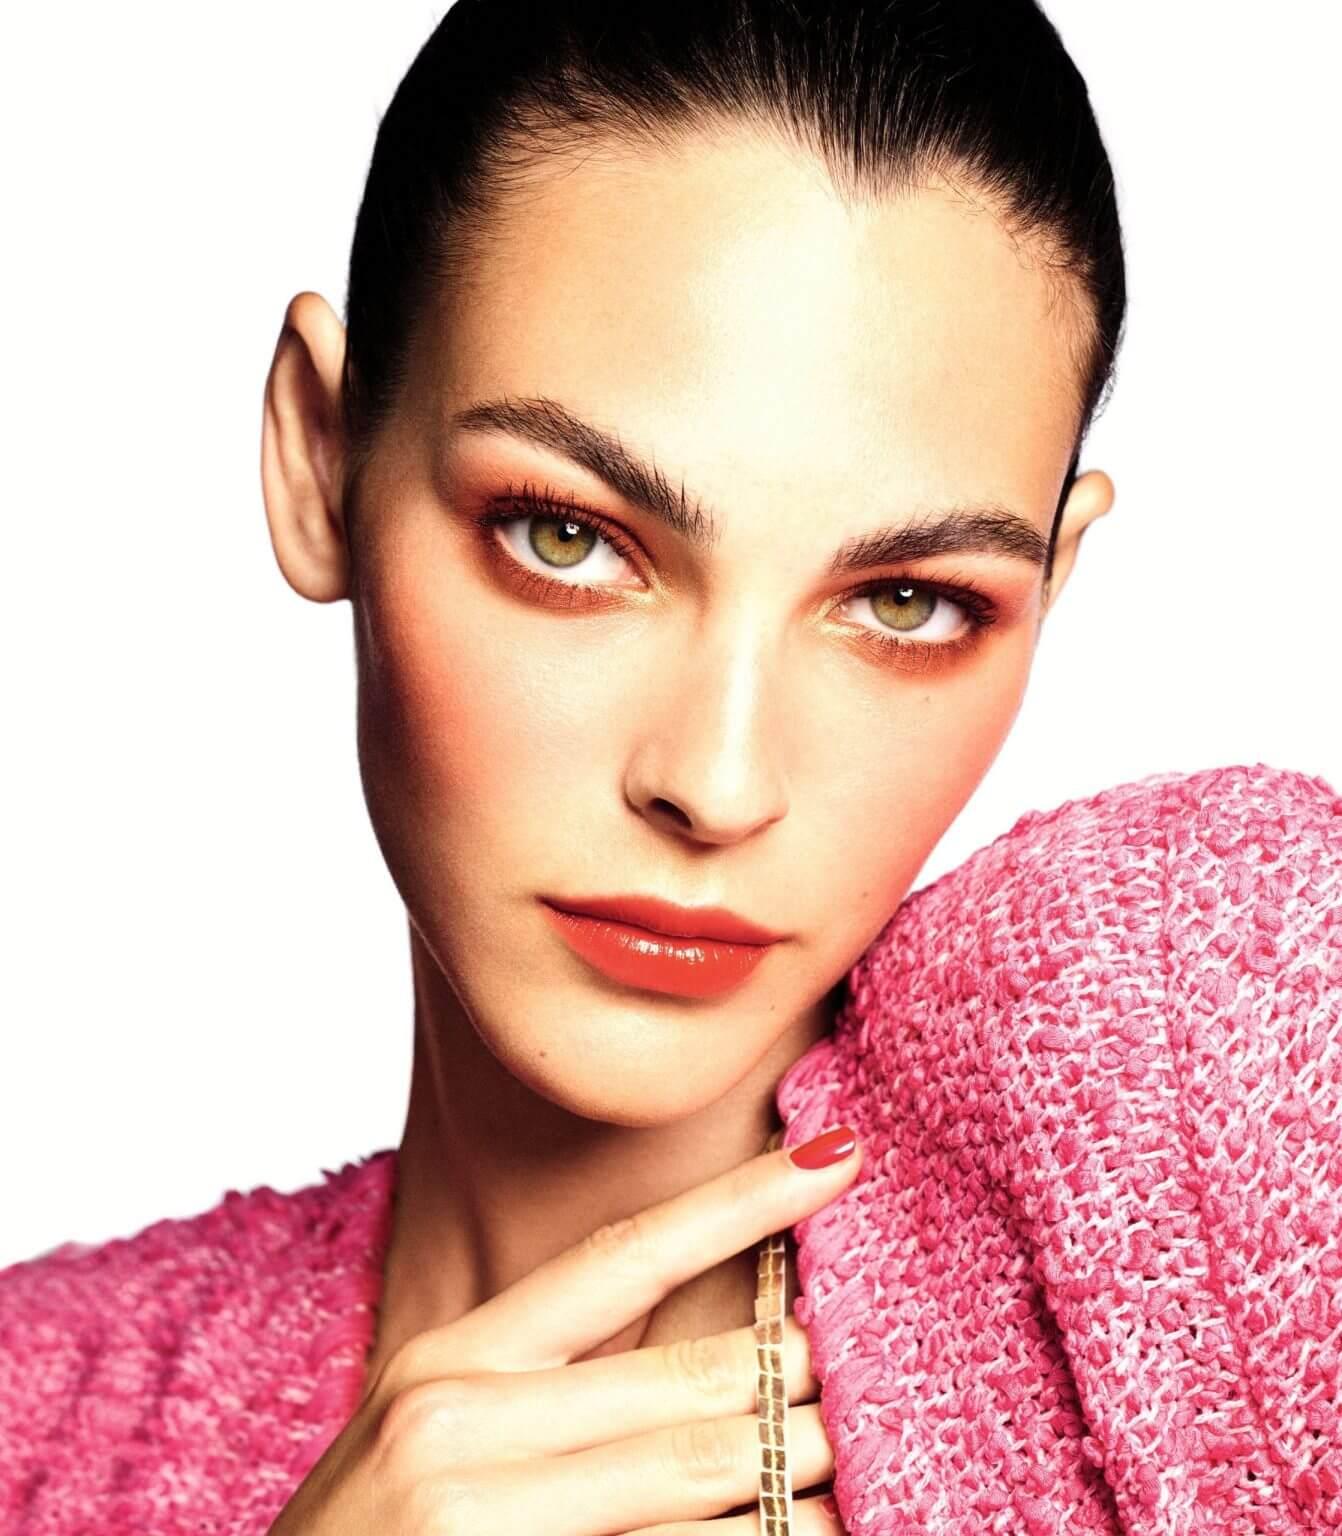 CHANEL Makeup Spring Summer 2021 - Chiếc ôm ấm không cần chạm